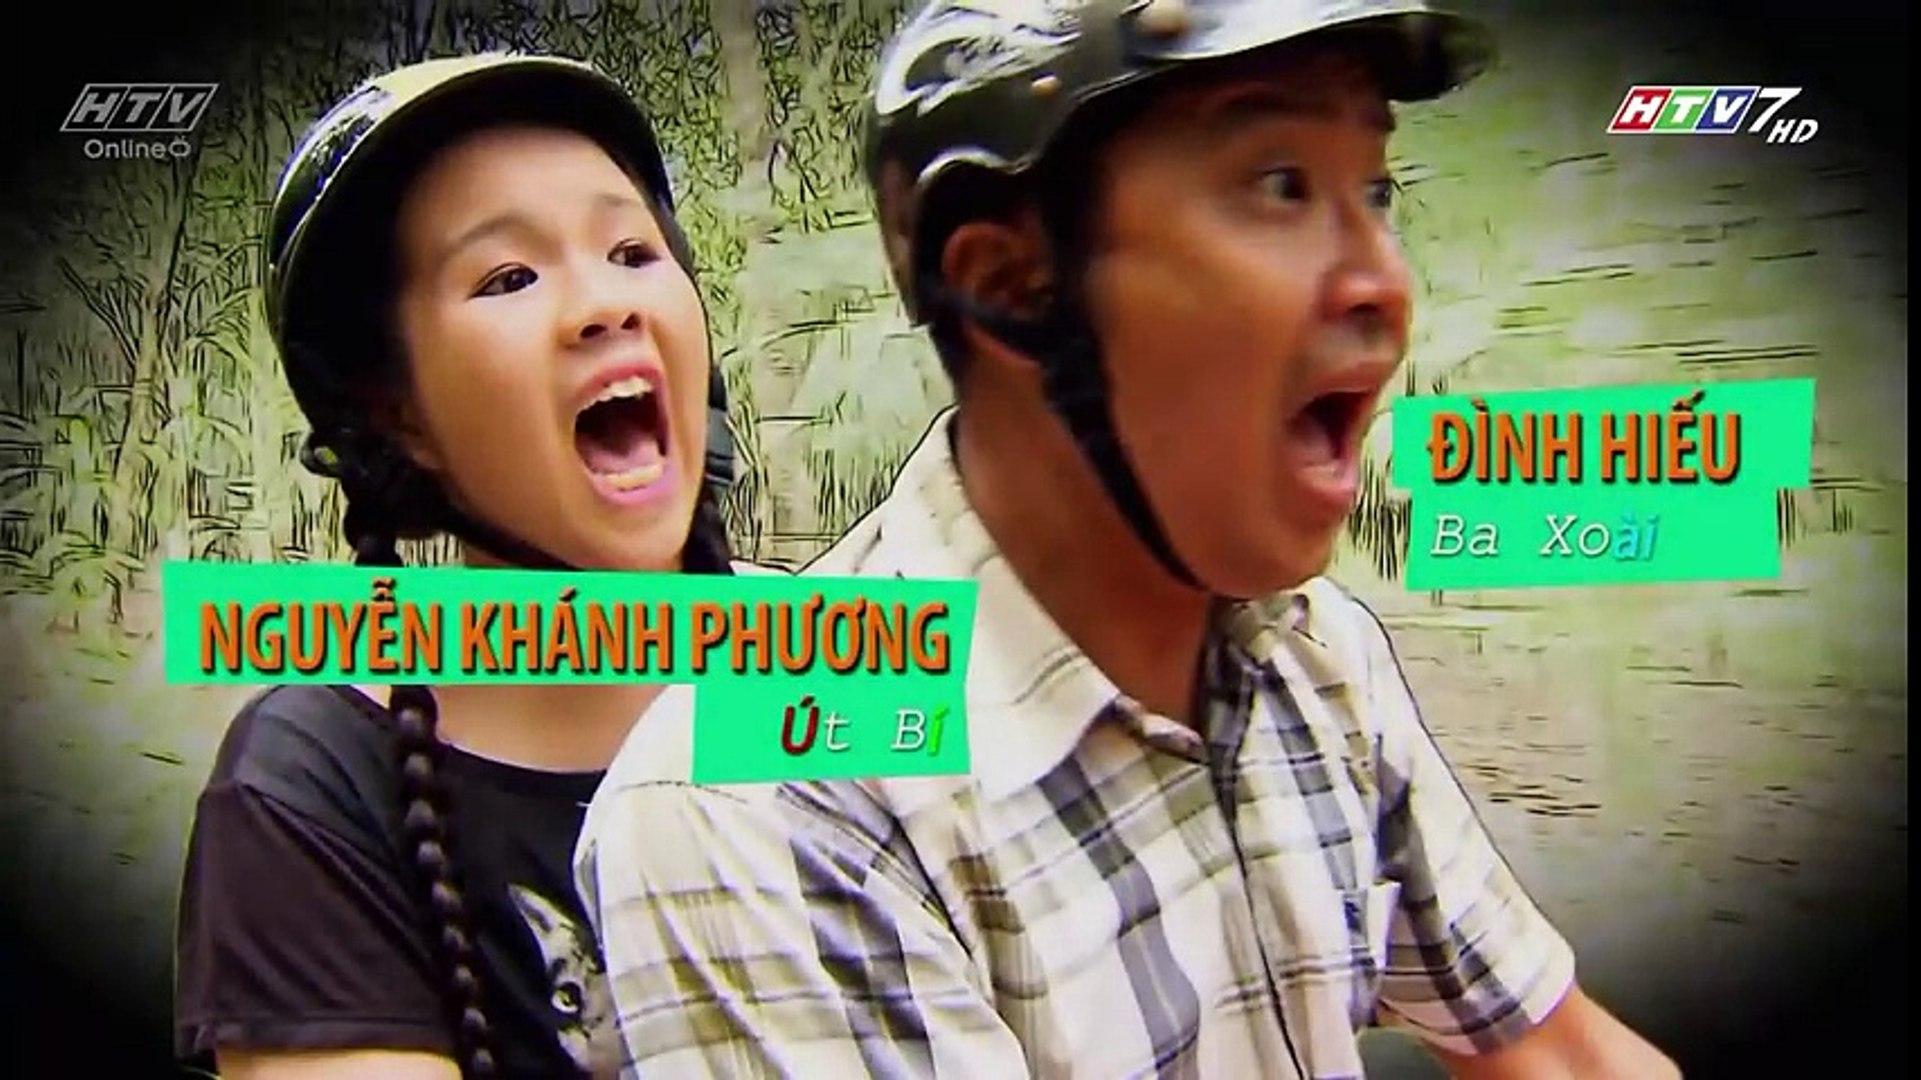 HTV7 - Sao Miệt Vườn - Tập 07   Phim Tình Cảm Việt Nam Đặc Sắc Mới Nhất 2017